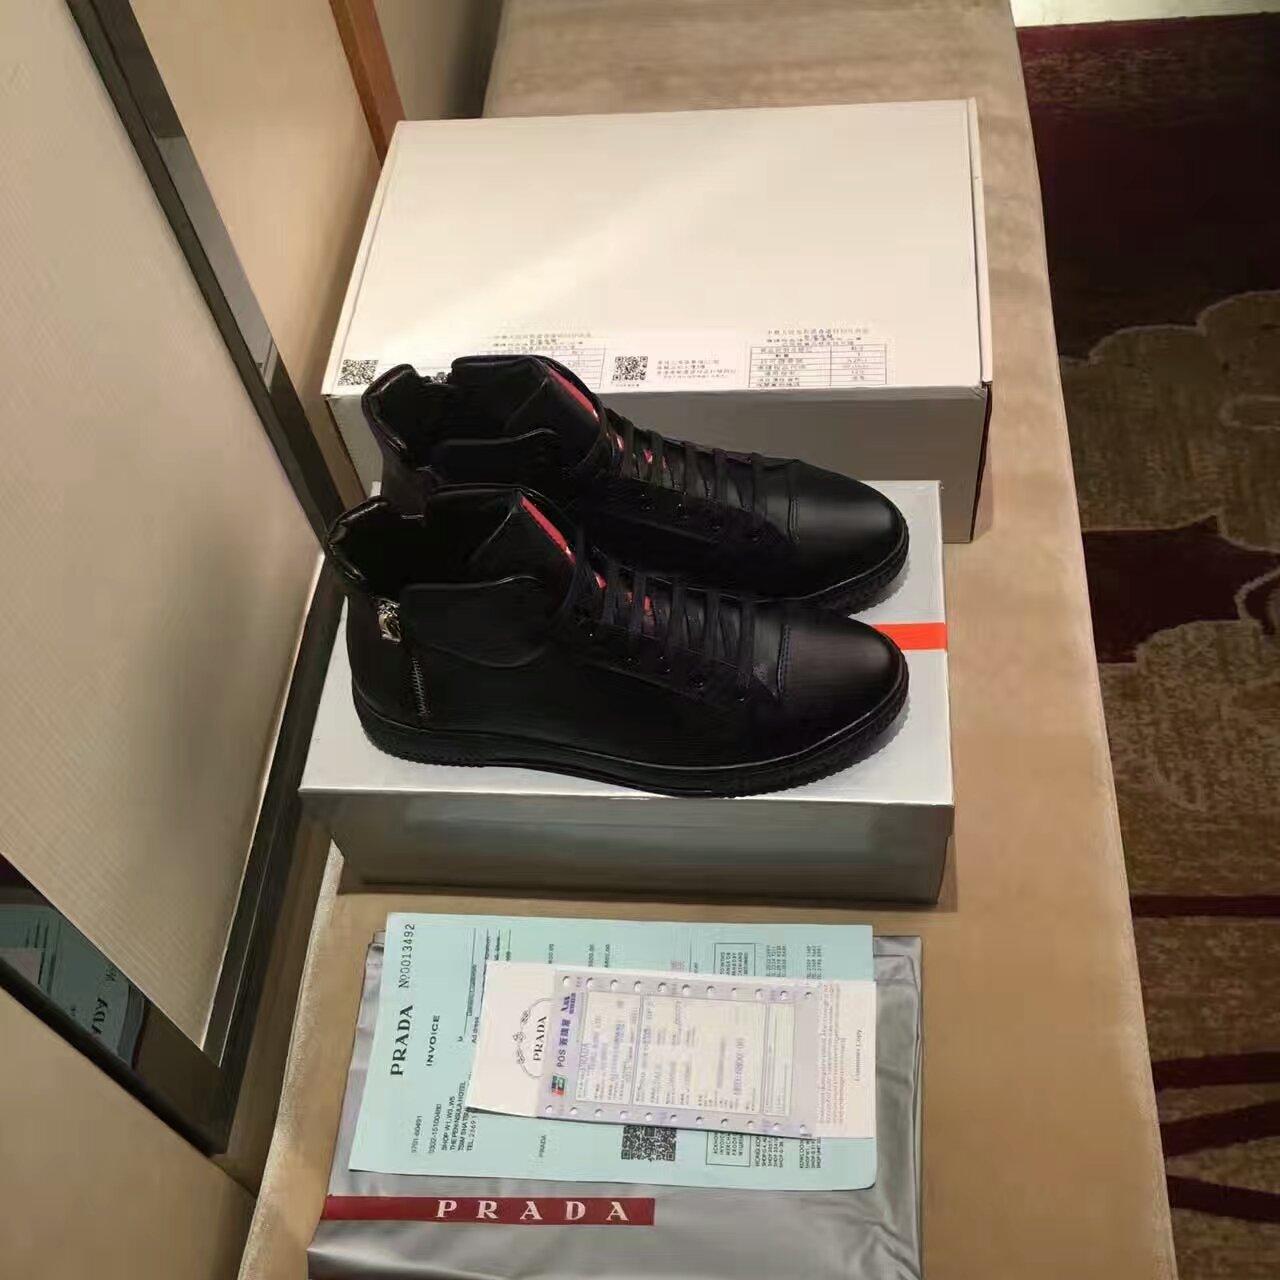 【PRADA】普拉达男士高帮鞋 外贸原单跟单货 品质大咖来袭